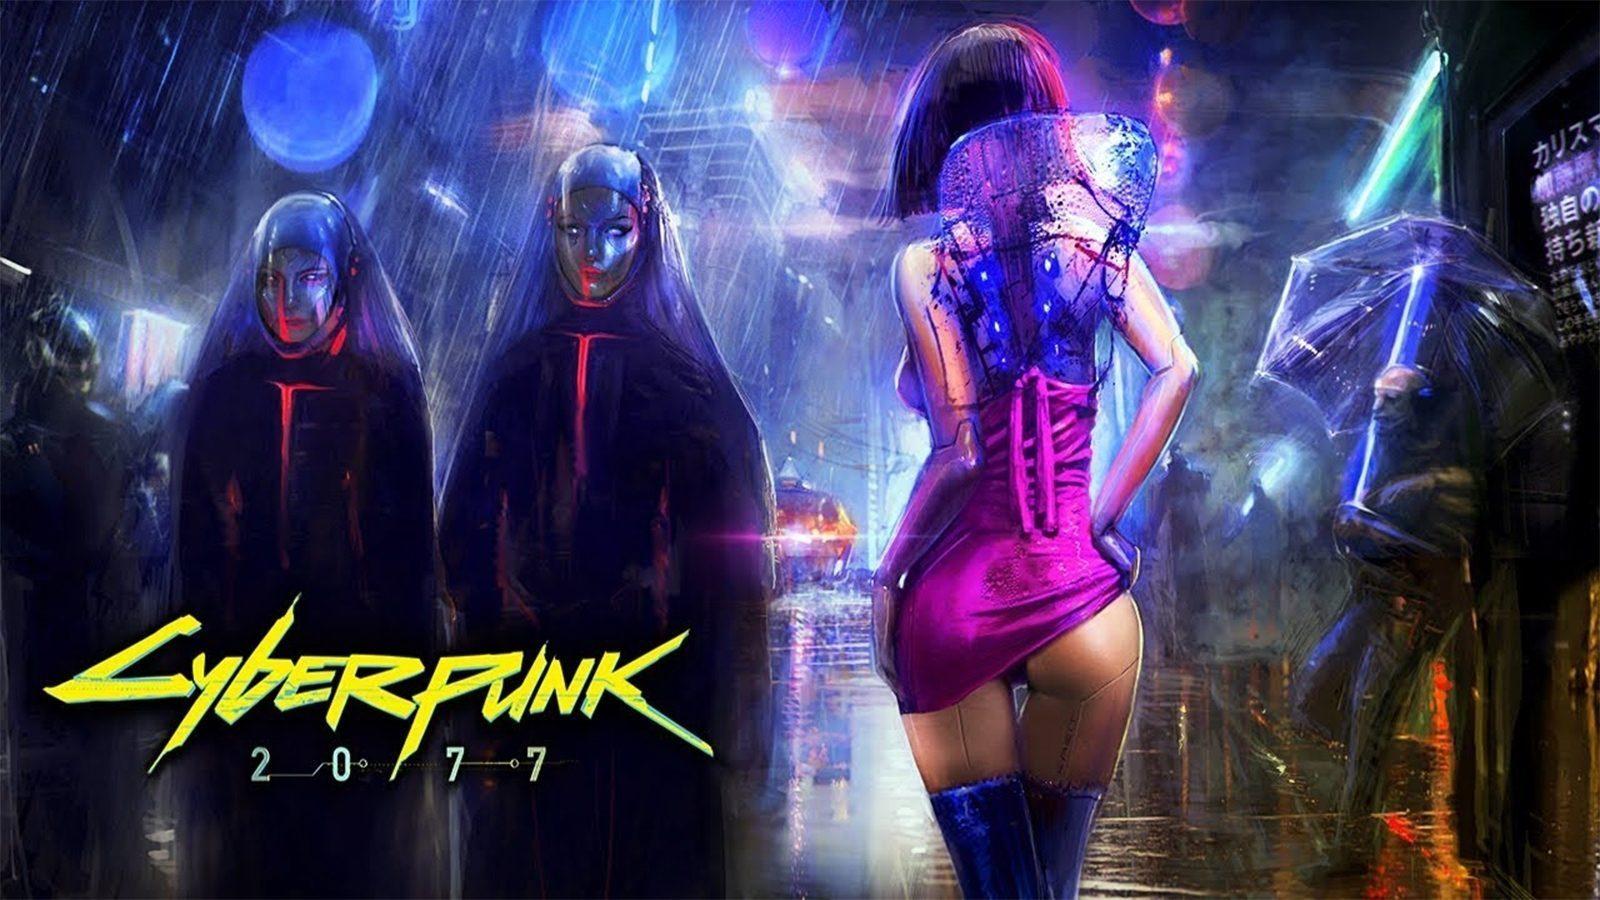 Bigarren mailako misioak ere izango dira zeregin nagusia Cyberpunk 2077an